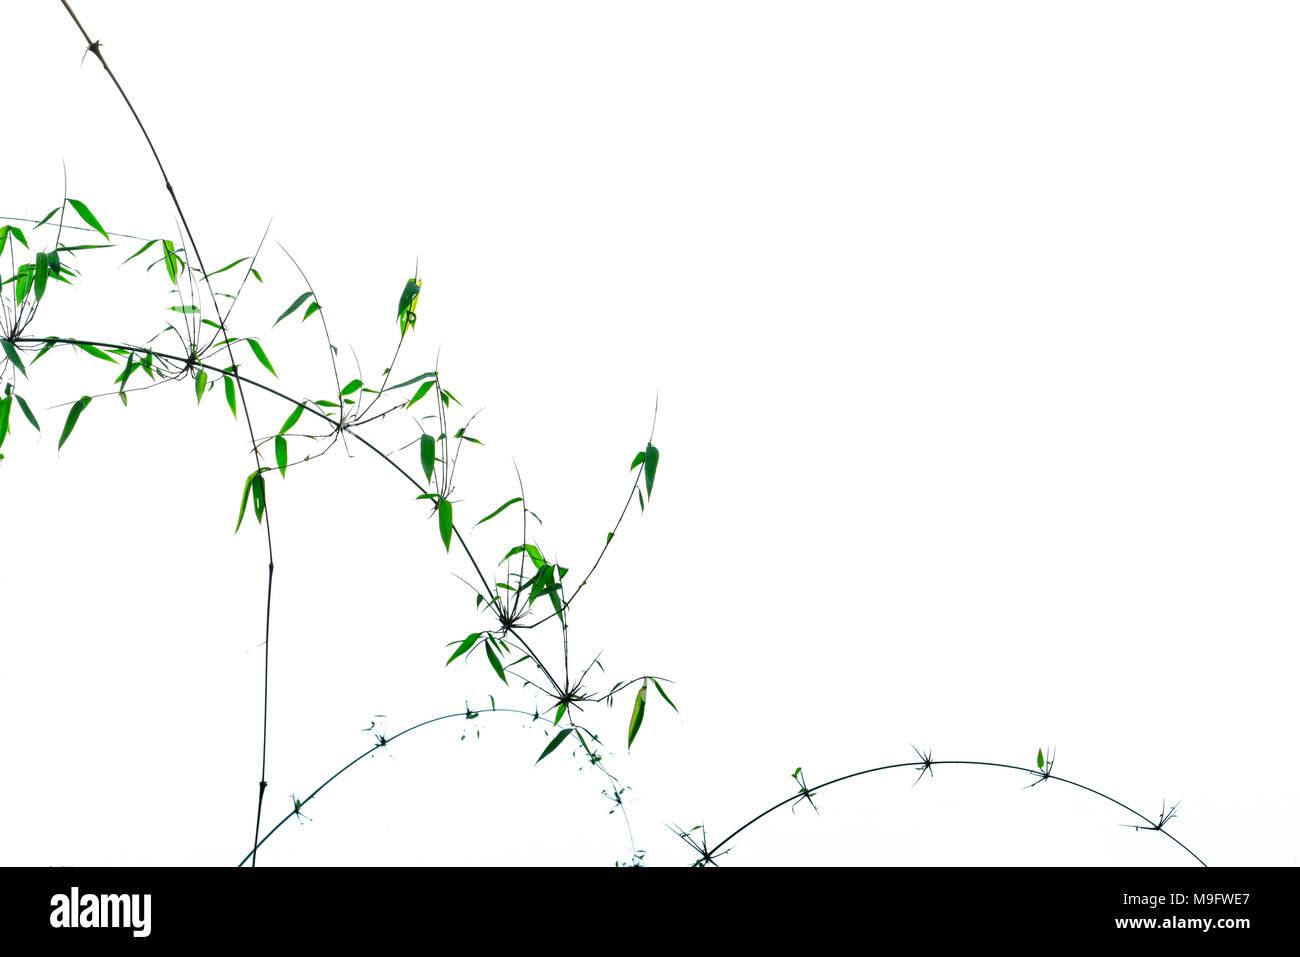 Bambù Verde foglie e rami con bellissimo motivo isolato su sfondo bianco con copia spazio. Naturali e Biologici sfondo astratto per mora Immagini Stock